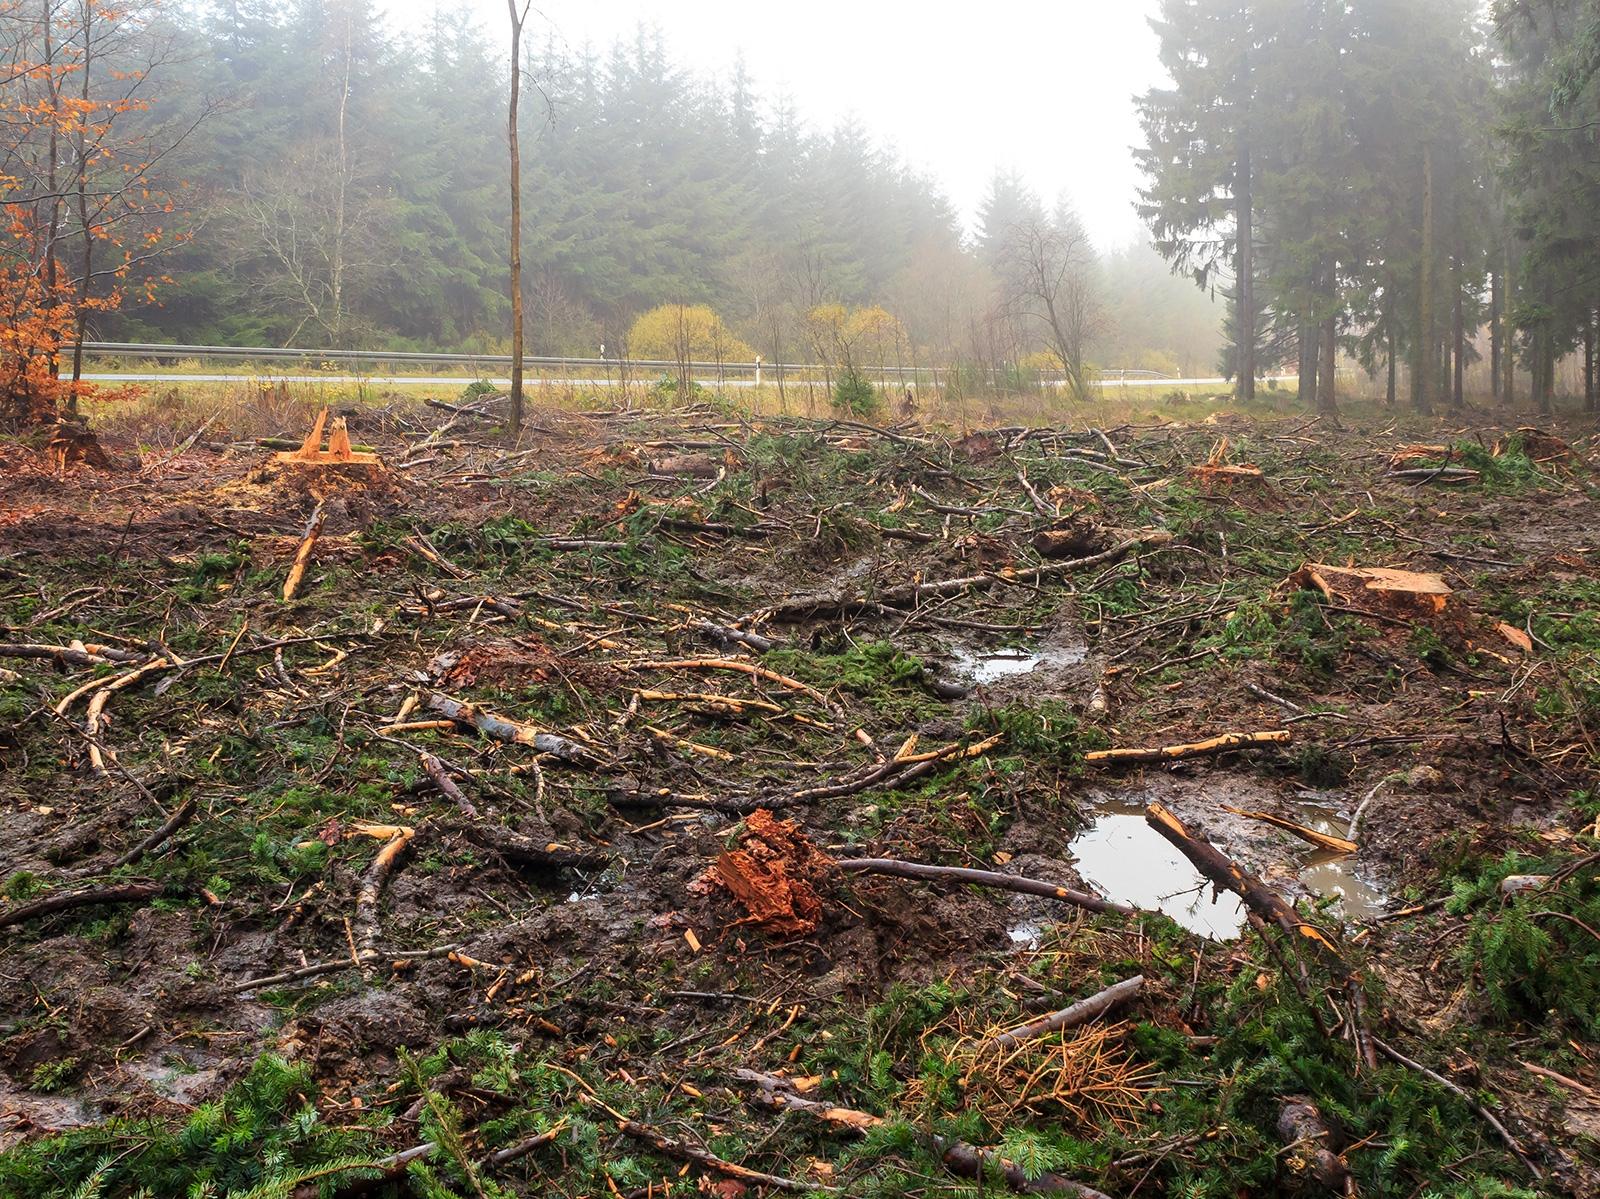 schwere Bodenschäden, Pfützen auf verdichteten Waldboden